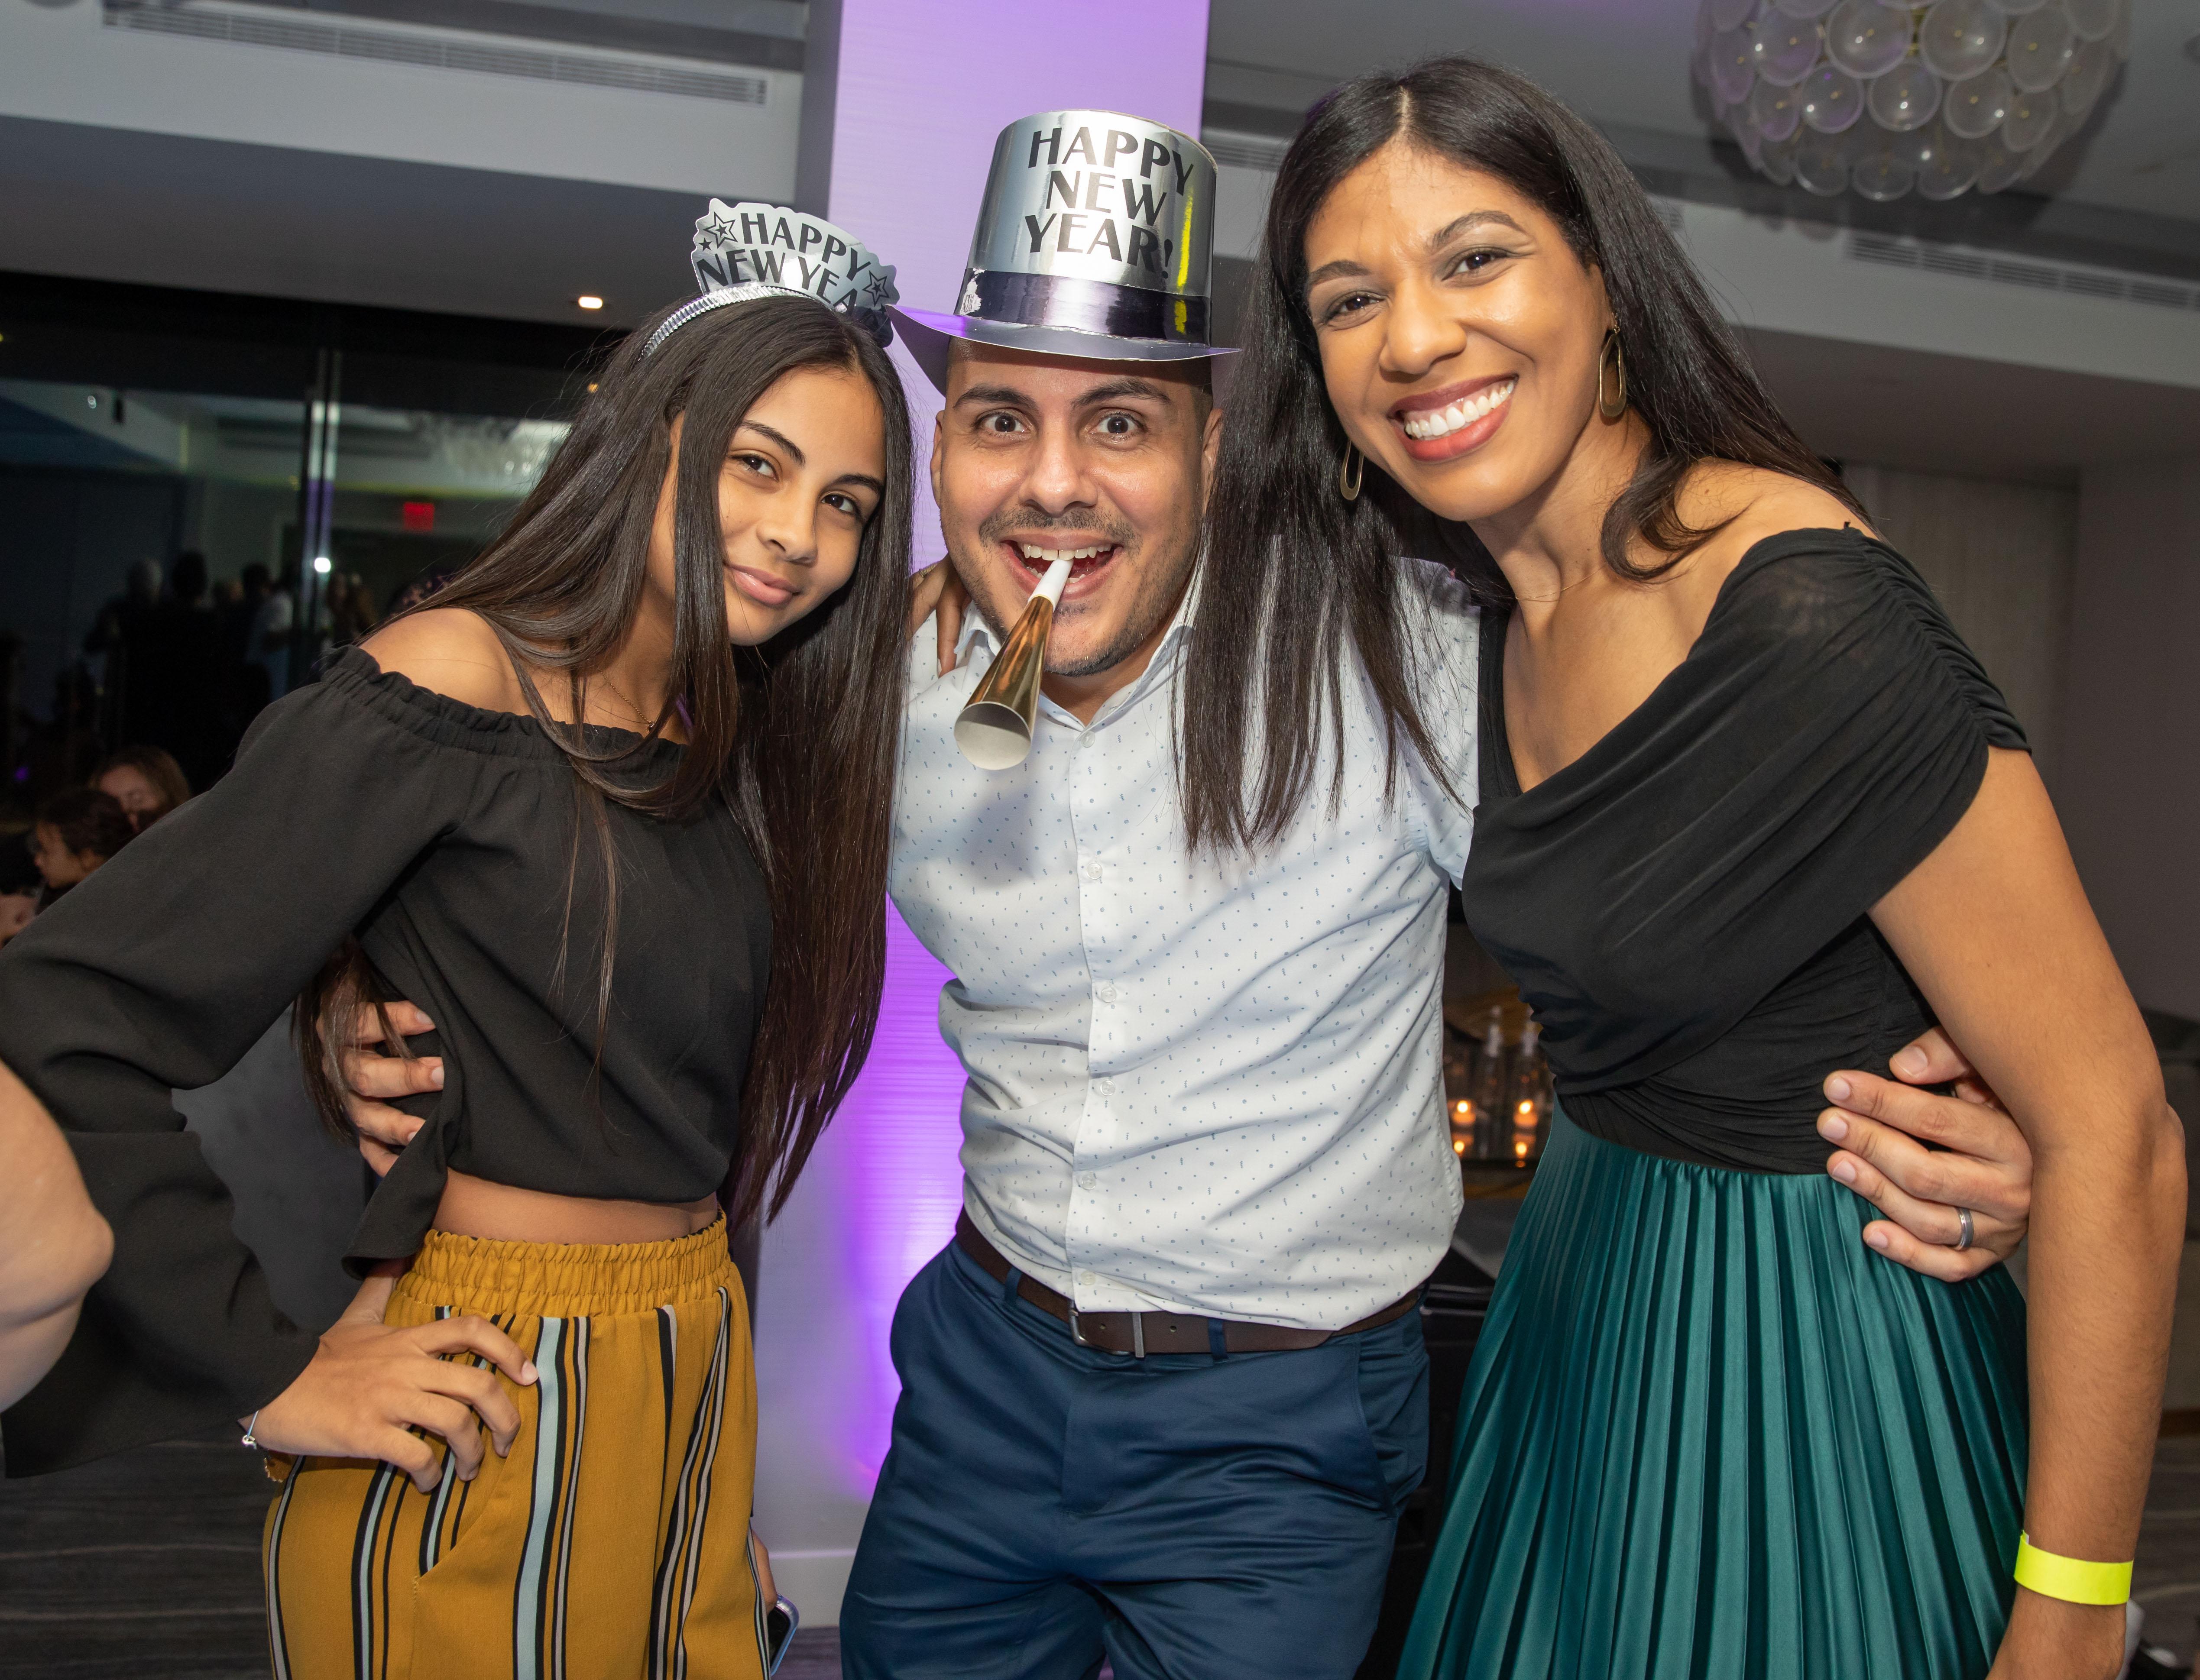 Ariana Alvarado, Jose Alvarado y Eribel Casado. (Suministrada)